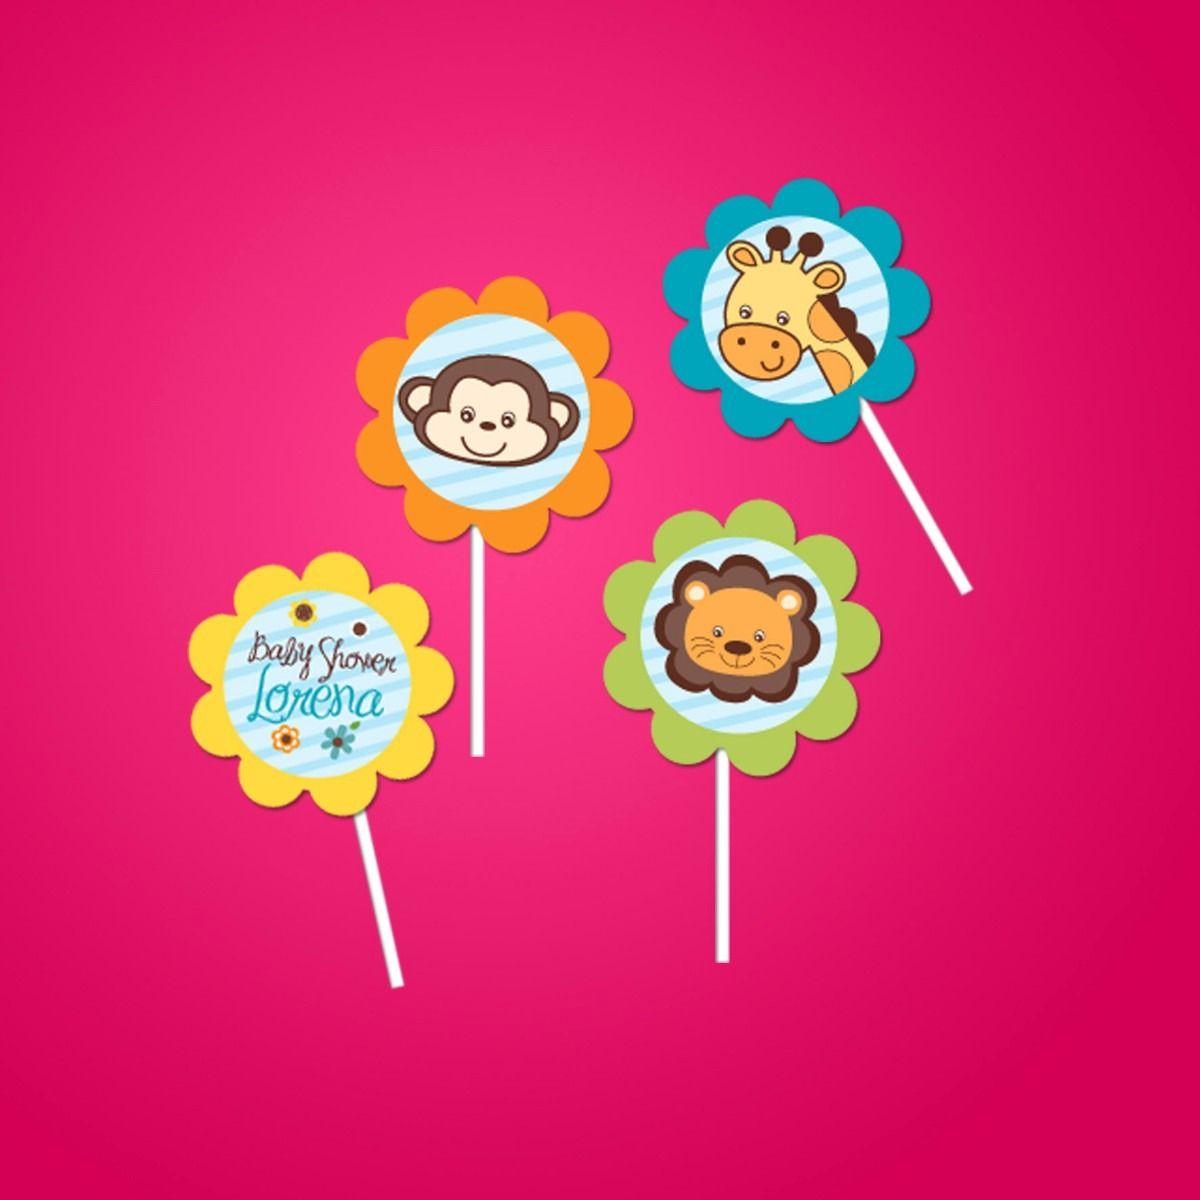 30 Toppers Para Cupcakes Mesa De Dulces Bautizo Baby - $ 80.00 en MercadoLibre